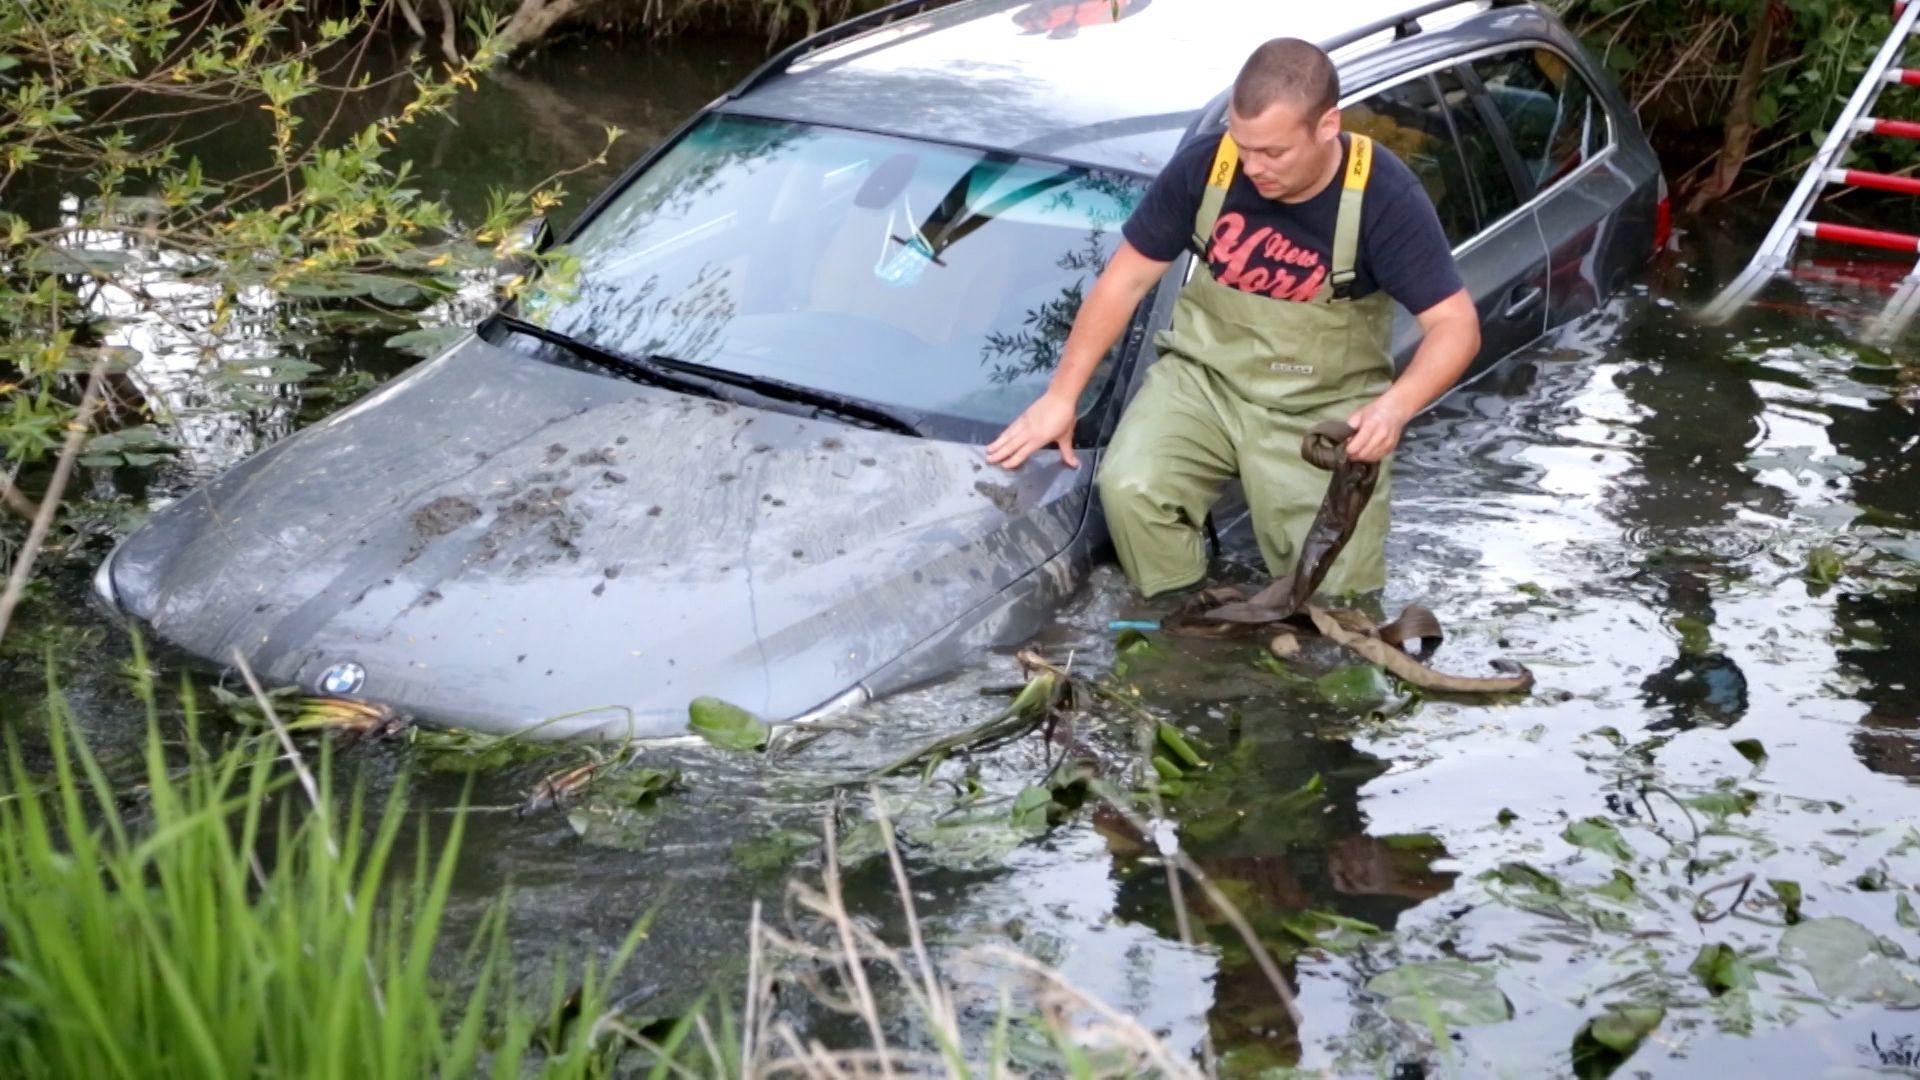 Ein Retter steht im Fluss, neben dem versenkten Auto